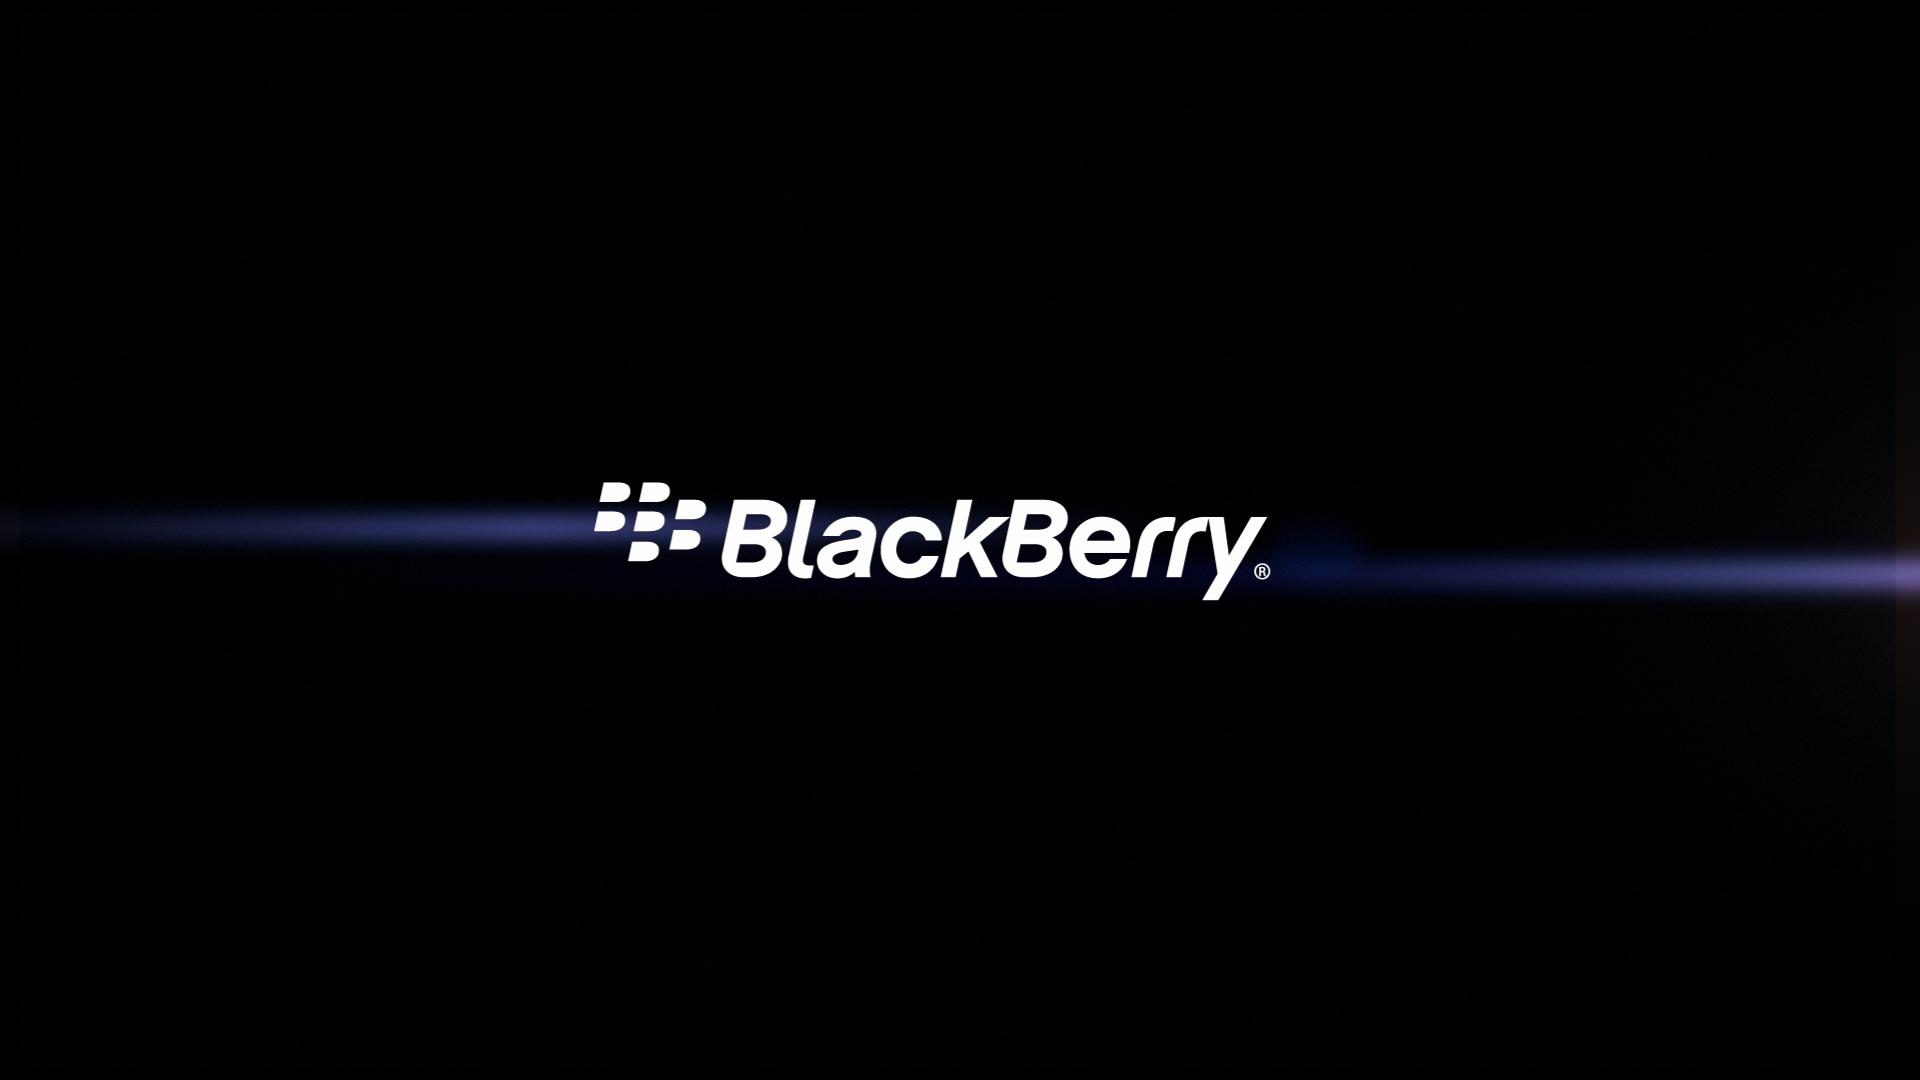 Blackberry Logo Wallpapers Download Desktop Wallpaper Images 1920x1080